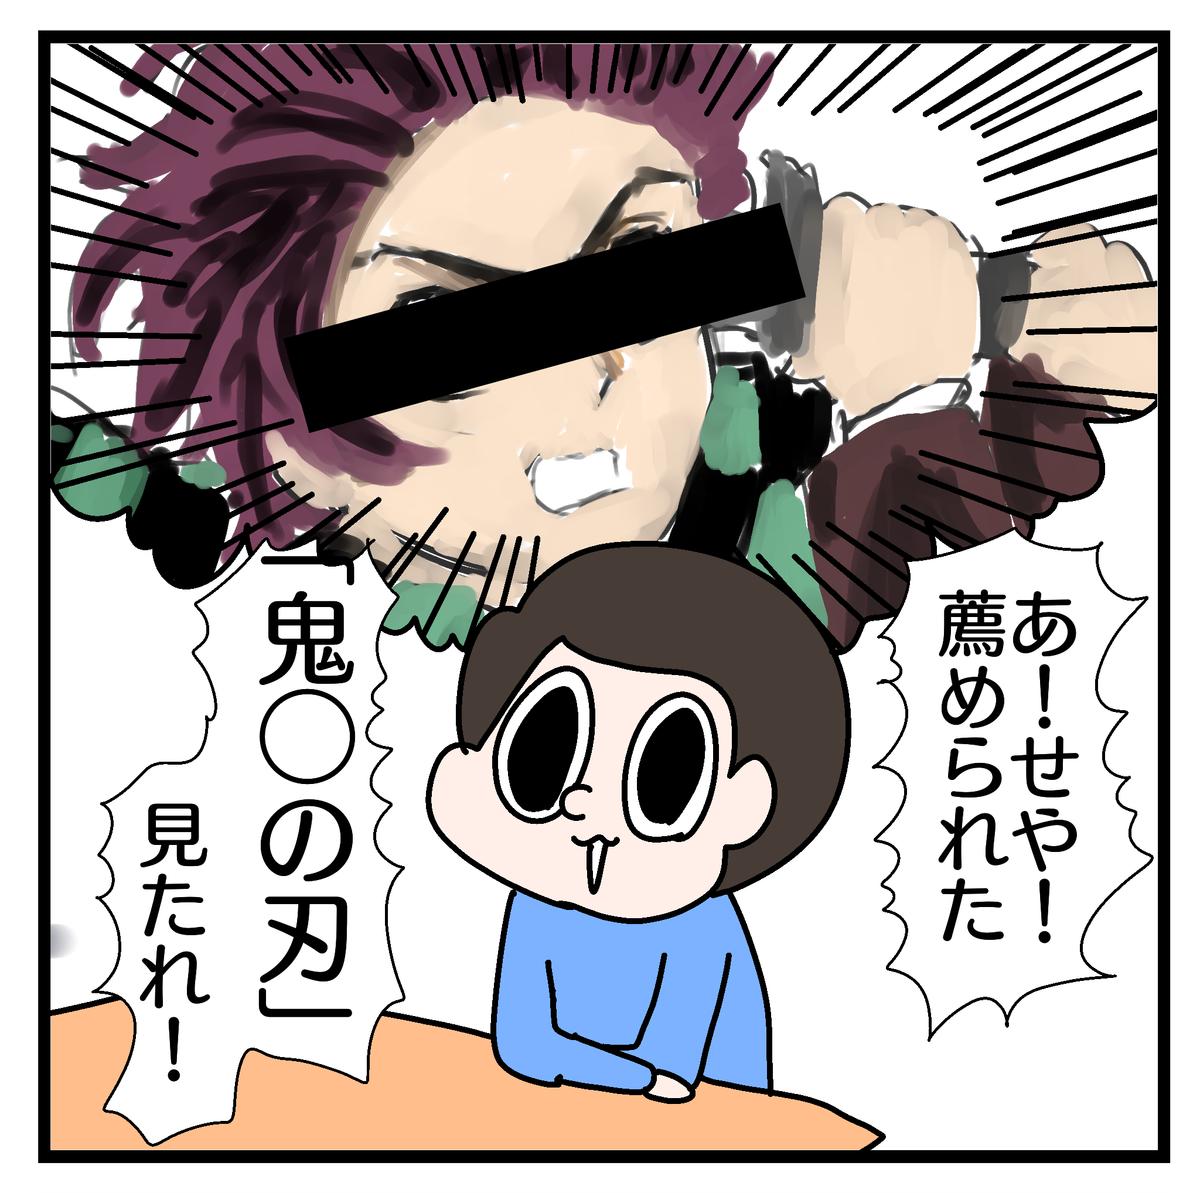 f:id:YuruFuwaTa:20200714165818p:plain